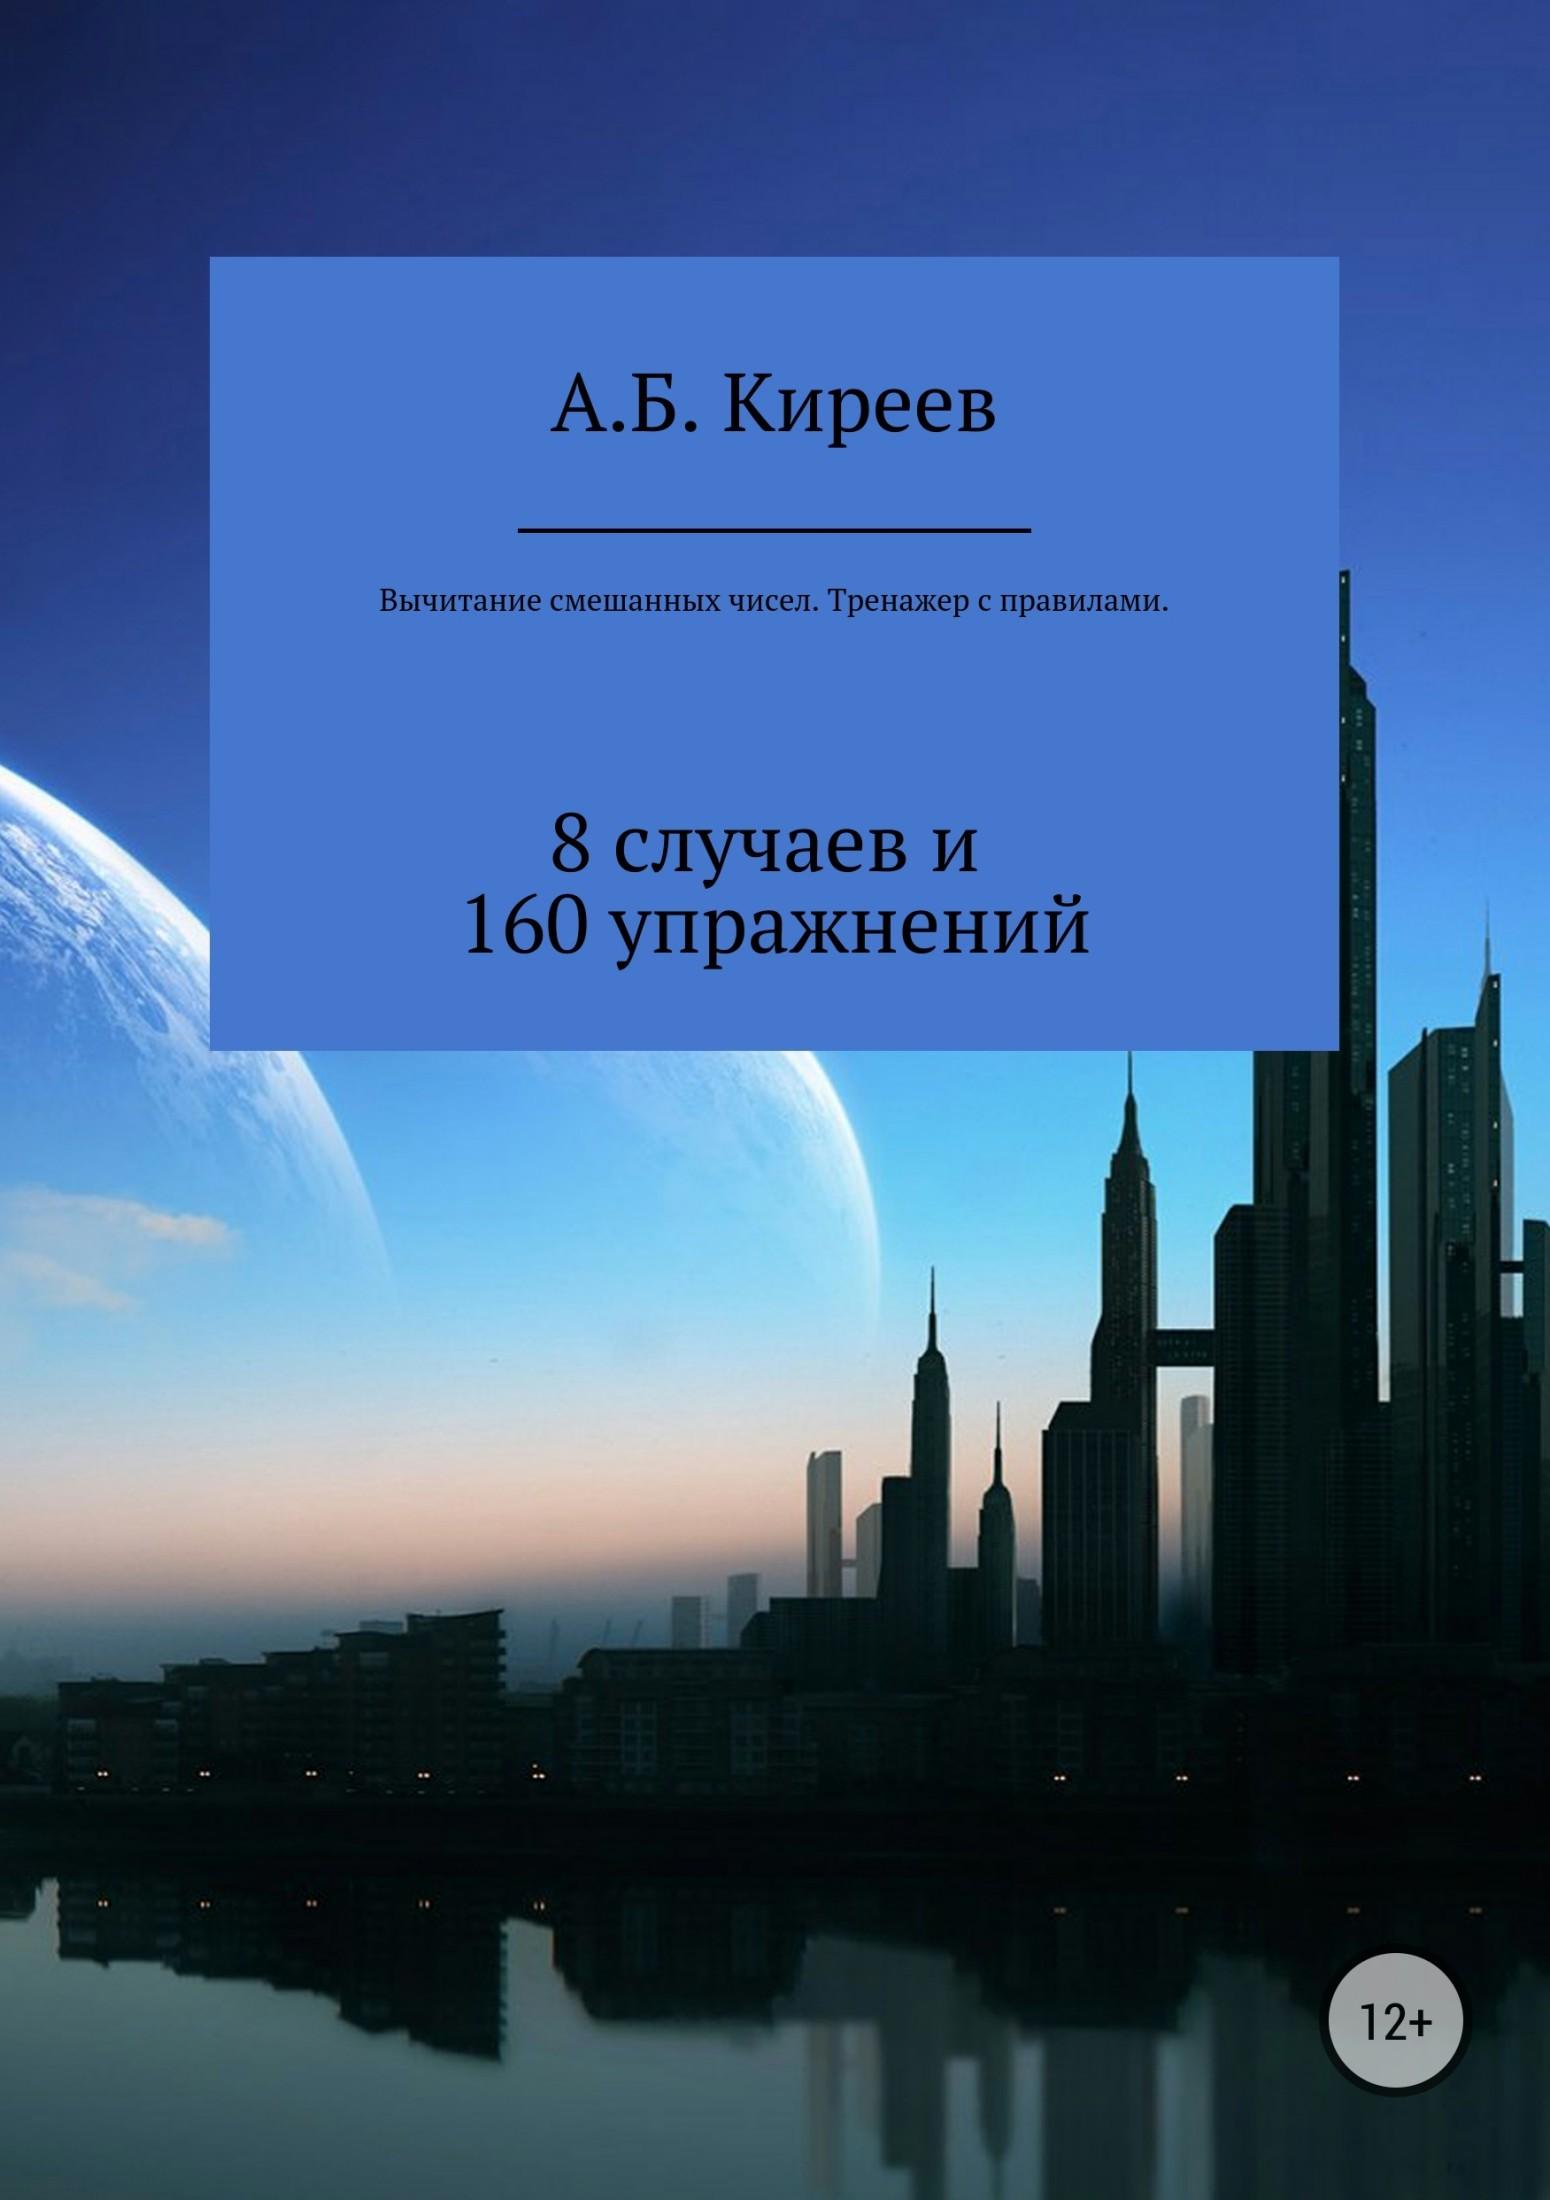 Азамат Киреев - Вычитание смешанных чисел. Тренажер с правилами.